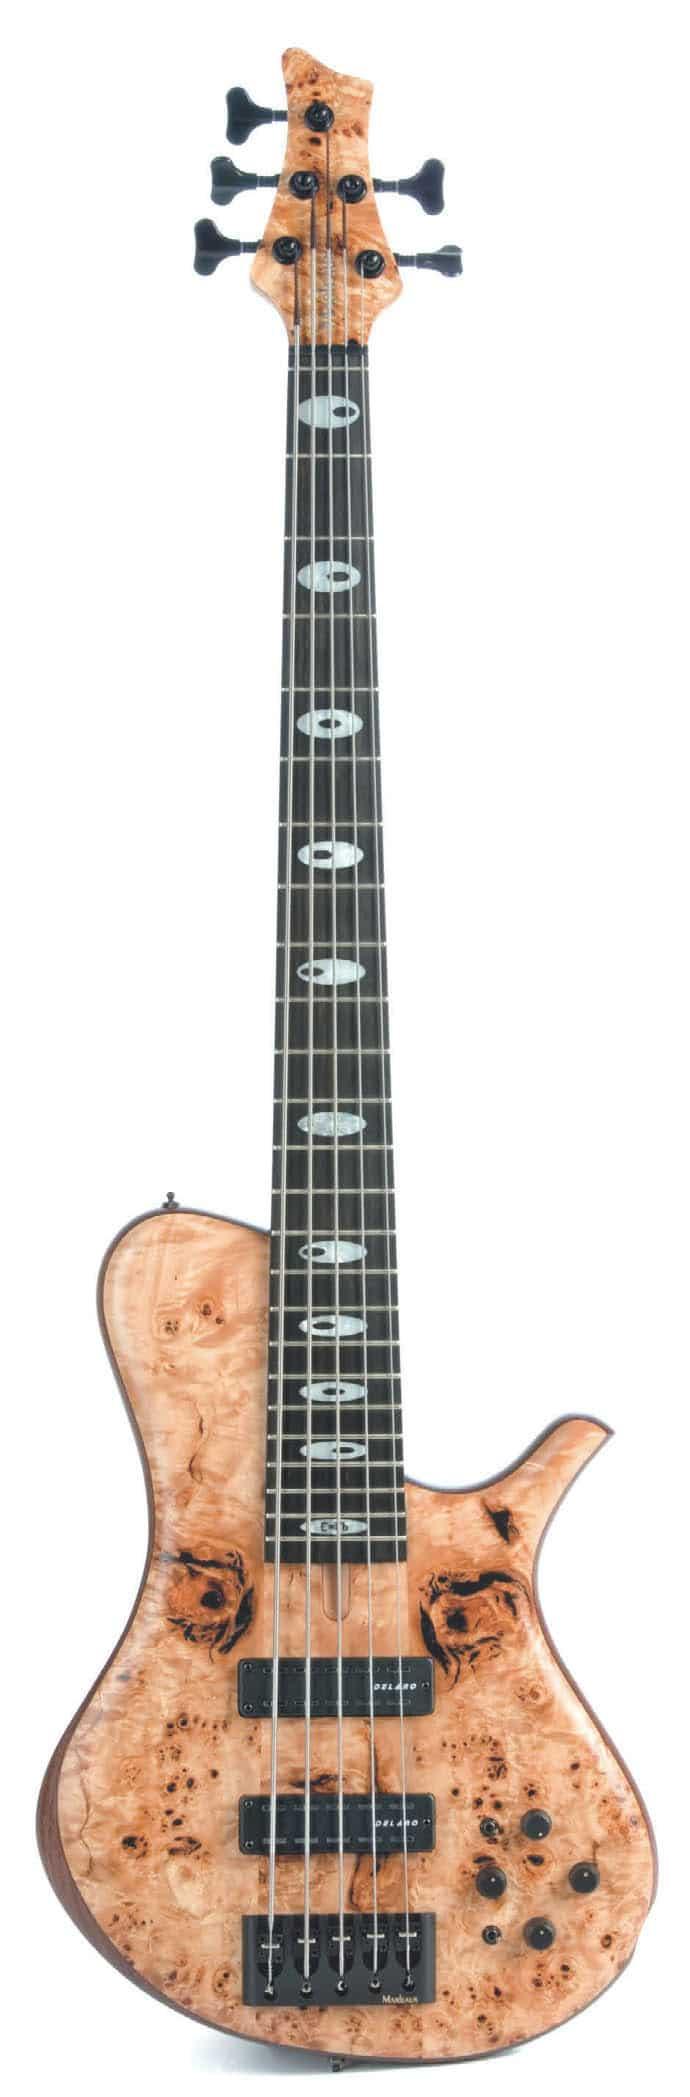 5-String-Bass von Marleaux, stehend